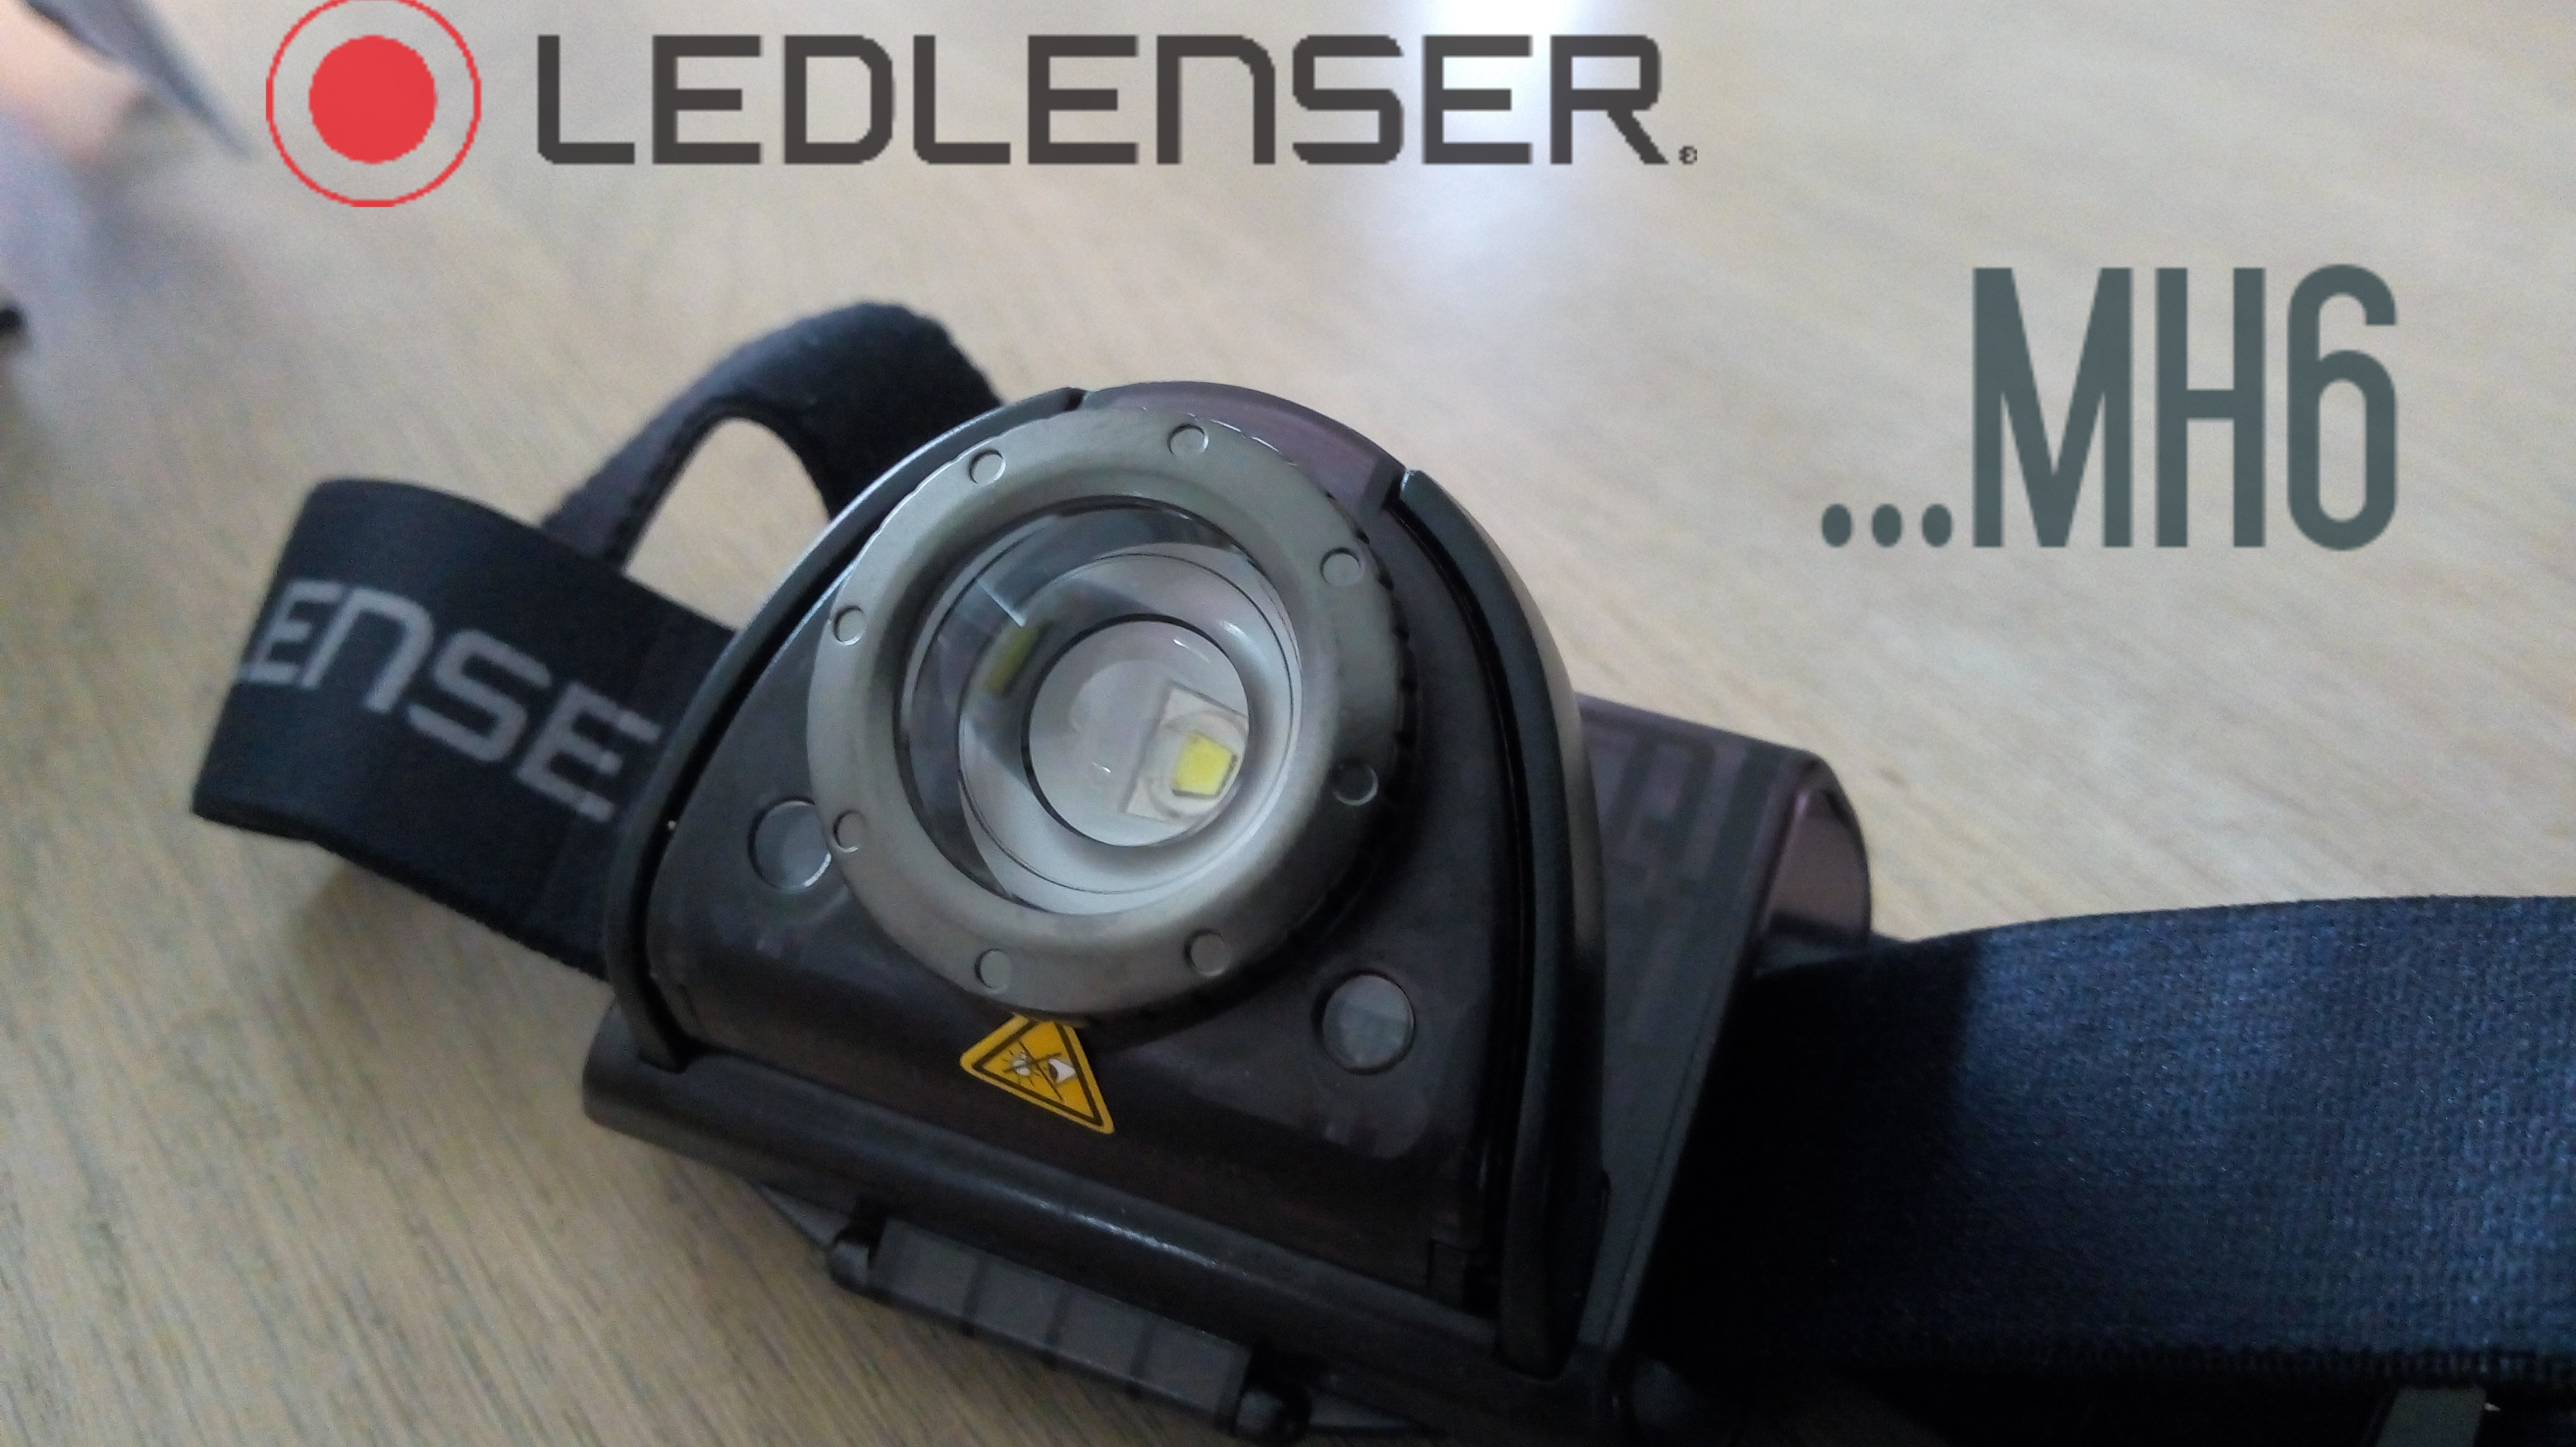 Lampe frontale MH6 Ledlenser